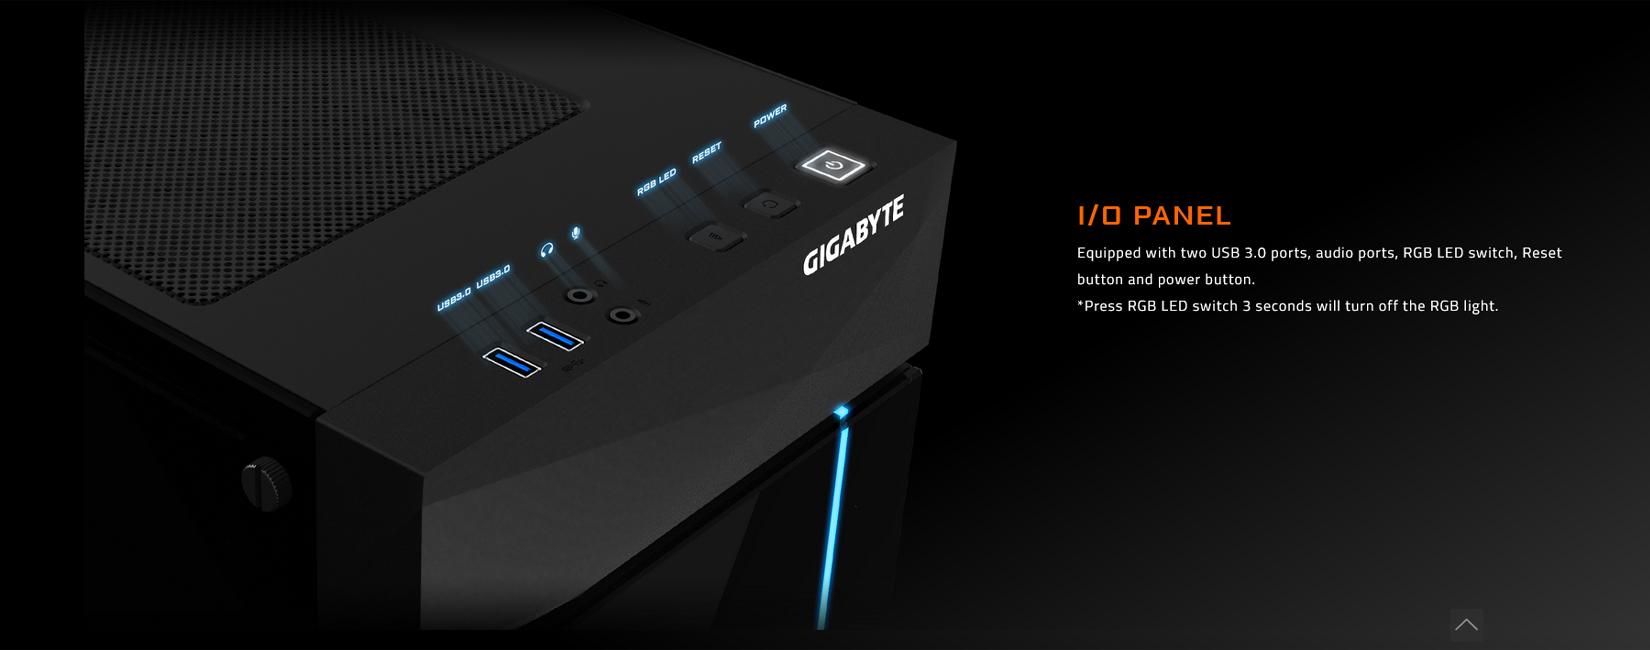 Vỏ Case Gigabyte C200 GLASS GB-C200G (Mid Tower/Màu Đen) trang bị 2 cổng USB 3.0, cổng audio in out, nút bật tắt, reset và nút chỉnh màu RGB